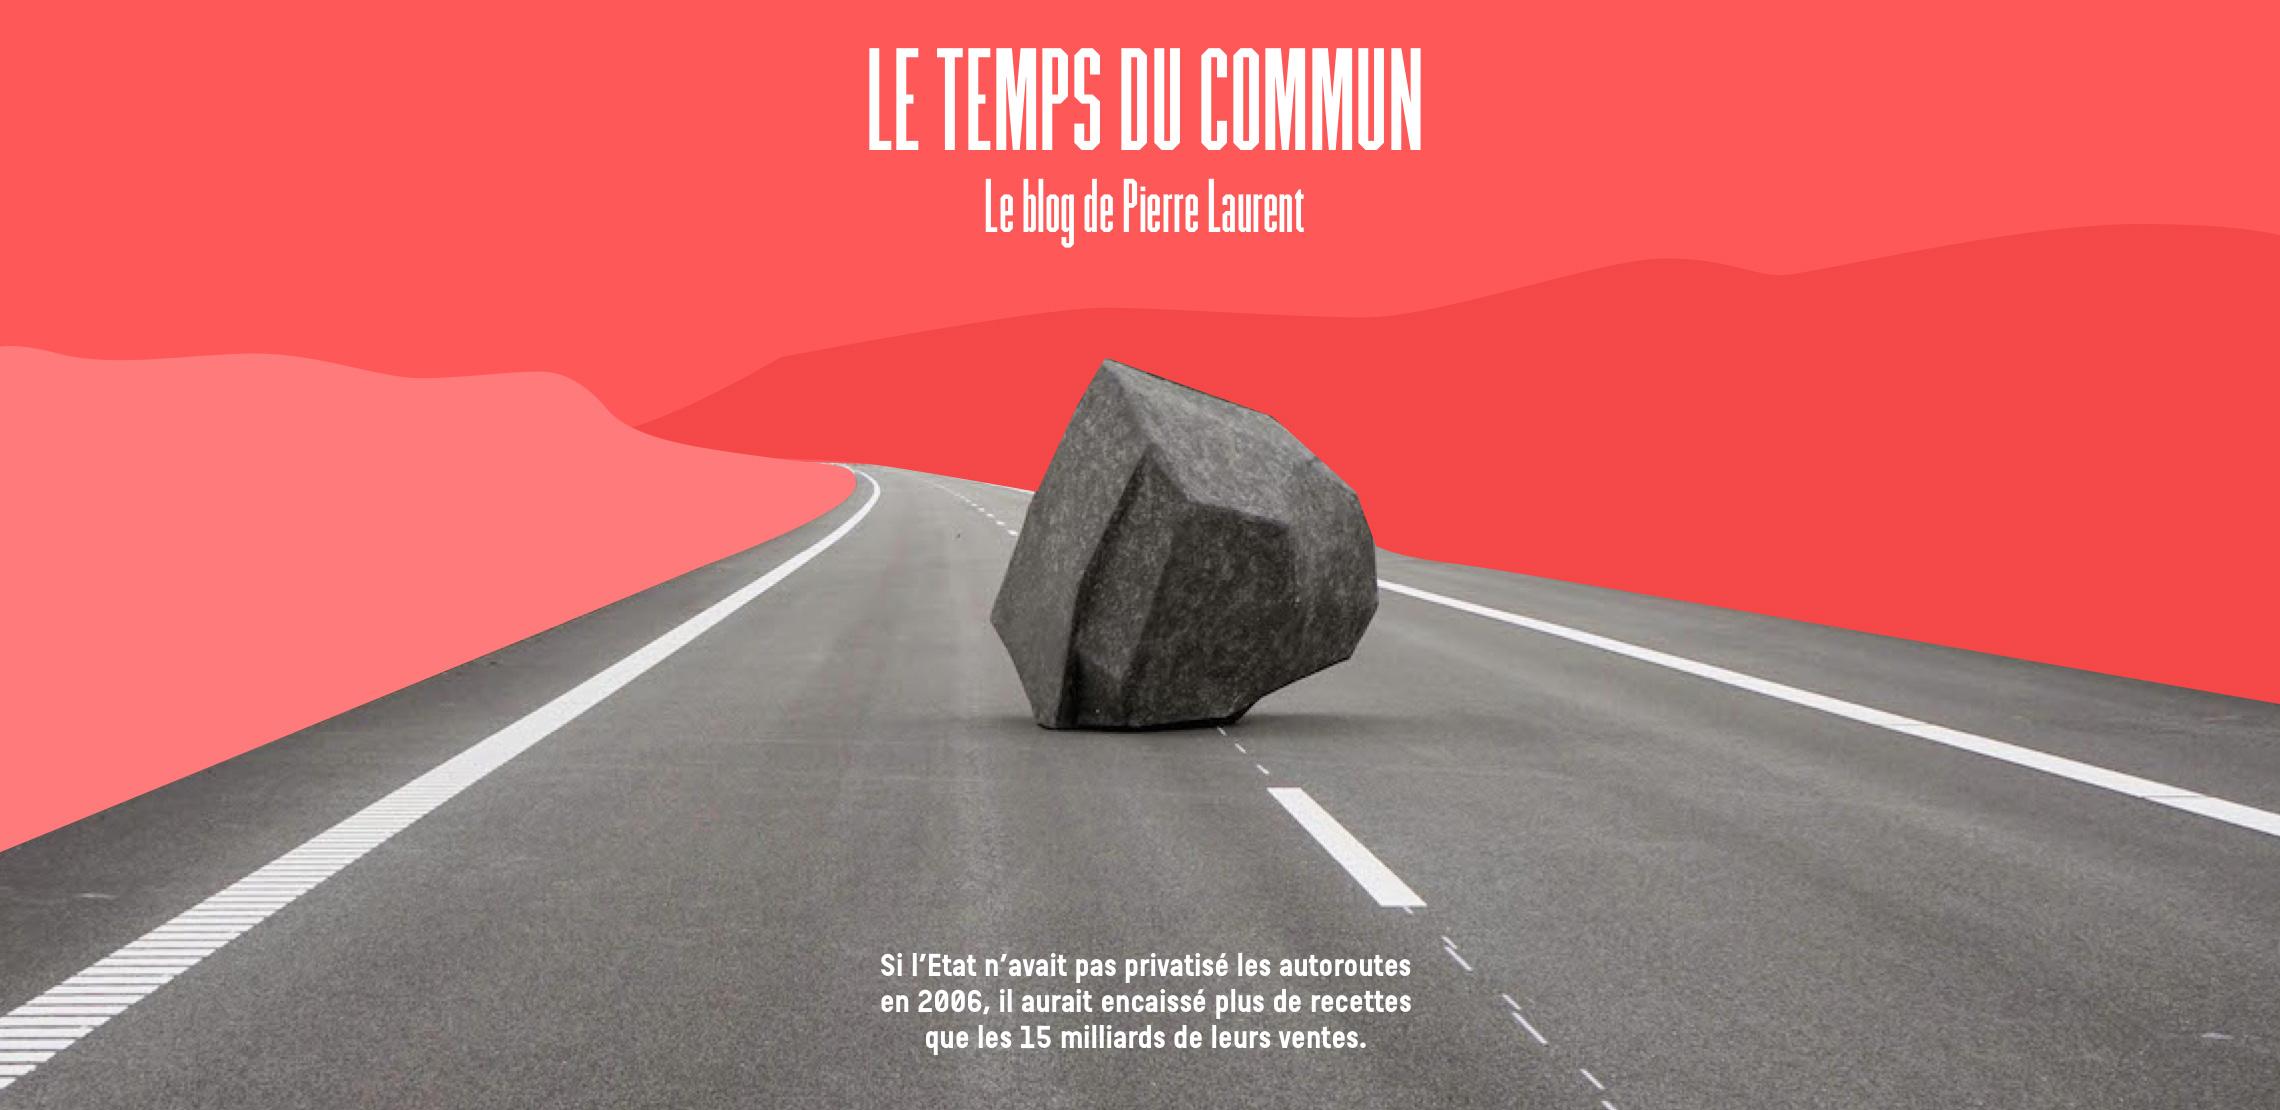 Image d'illustration de l'identité digitale de Pierre Laurent